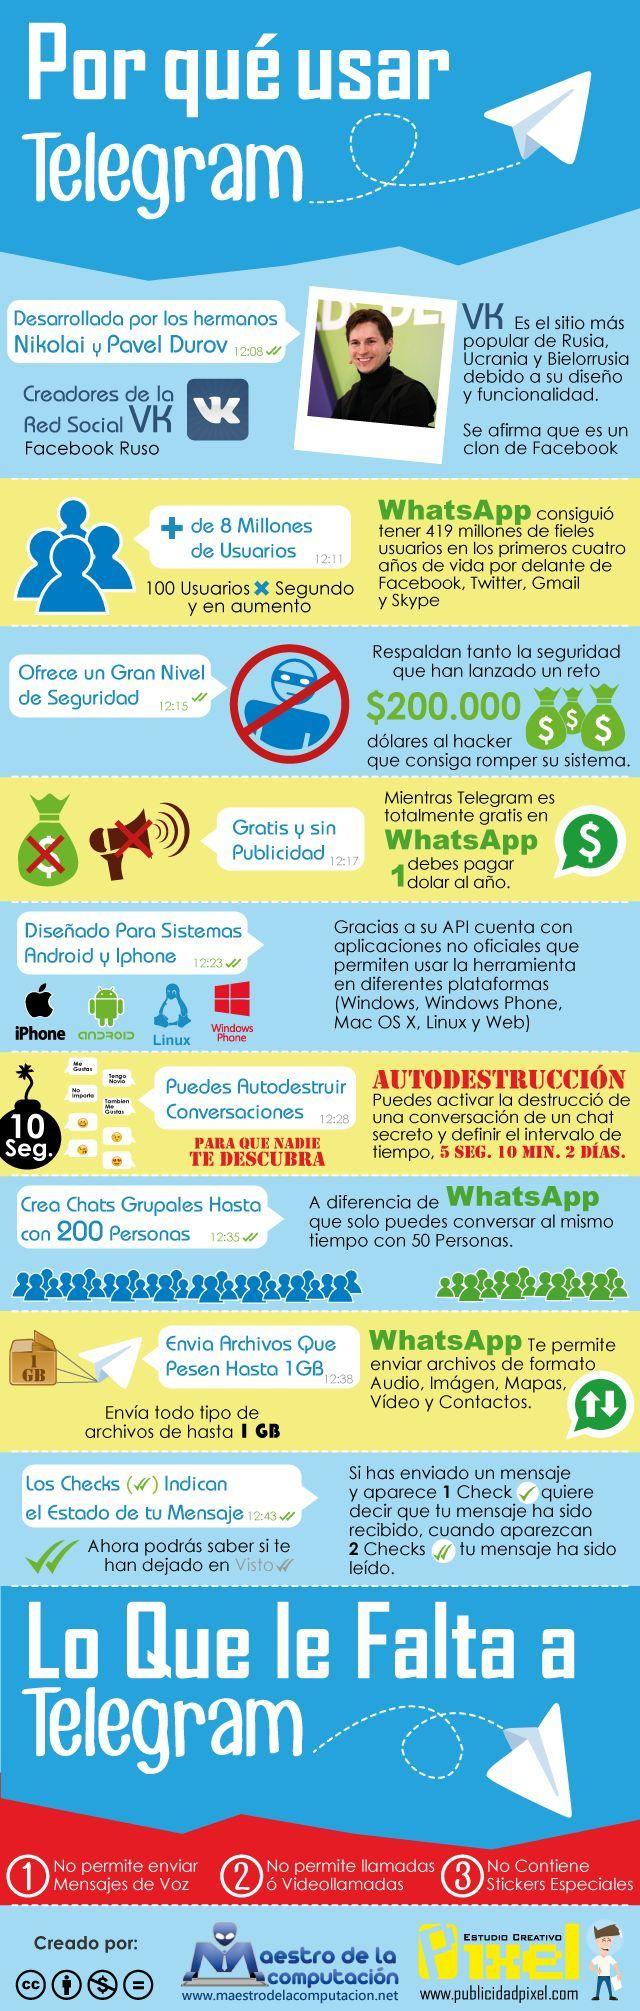 Motivos para usar #Telegram comparándolo con #WhatsApp. #Infografía en español